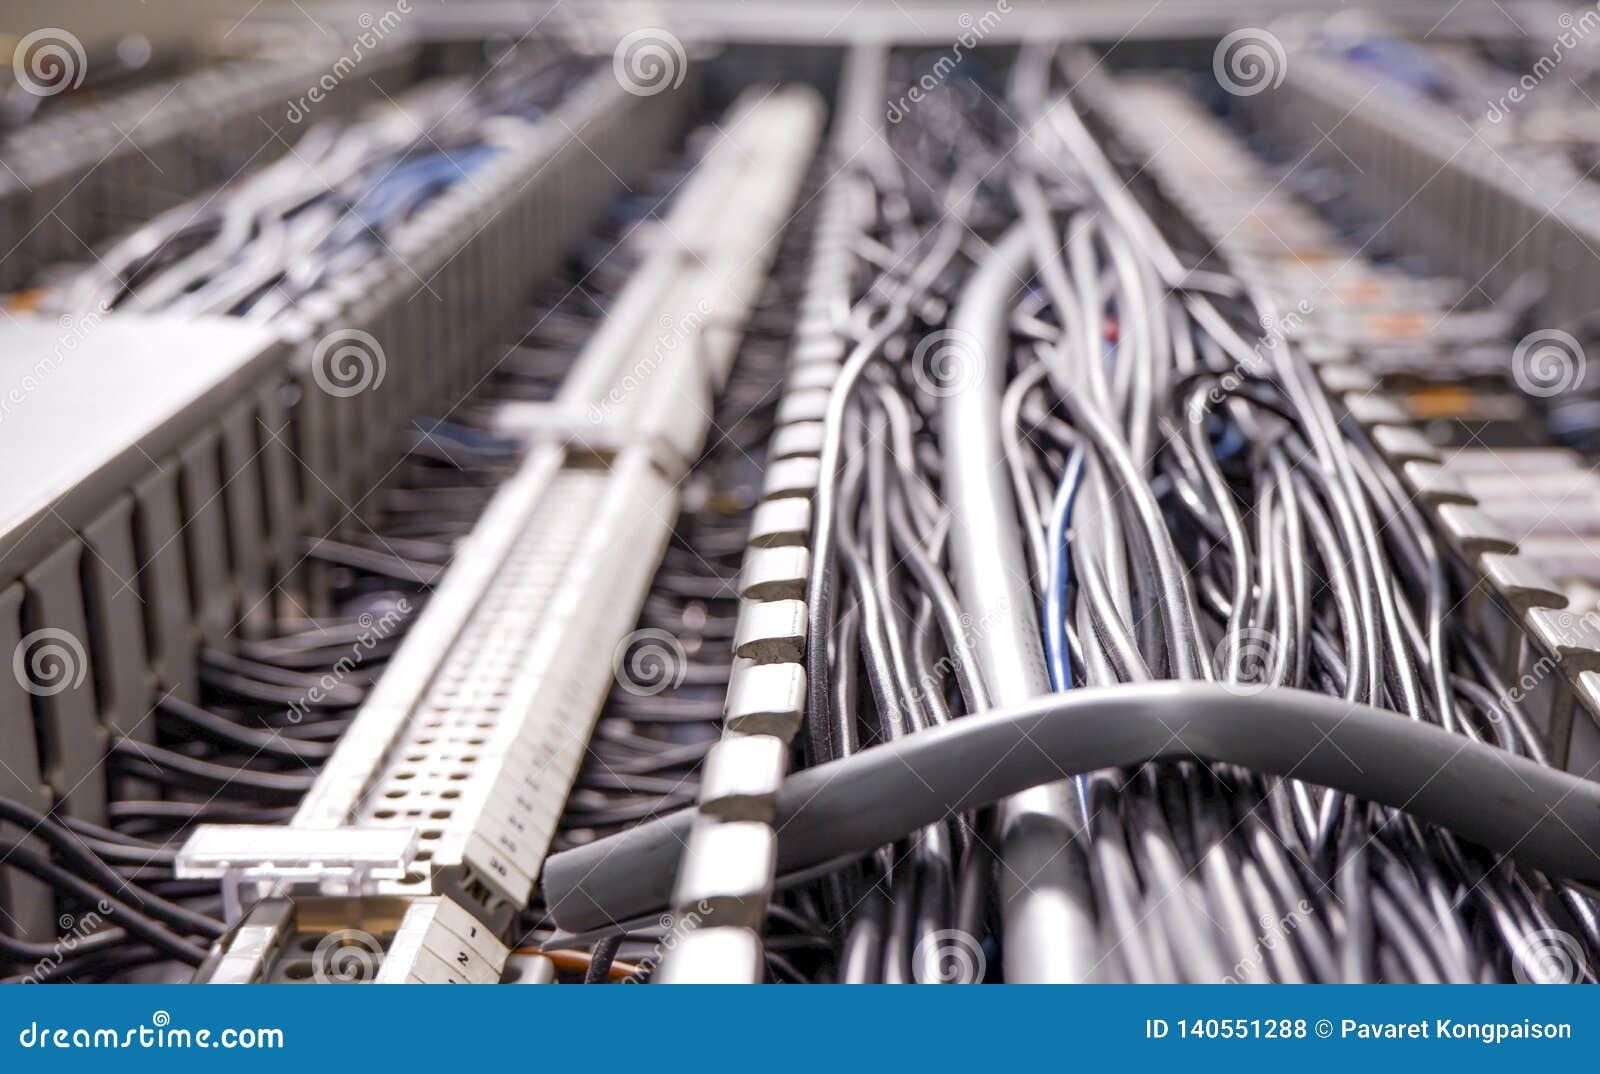 Καλώδια και καλώδια, ροή στοιχείων στο δίκτυο μέσα στις βιομηχανικές εγκαταστάσεις